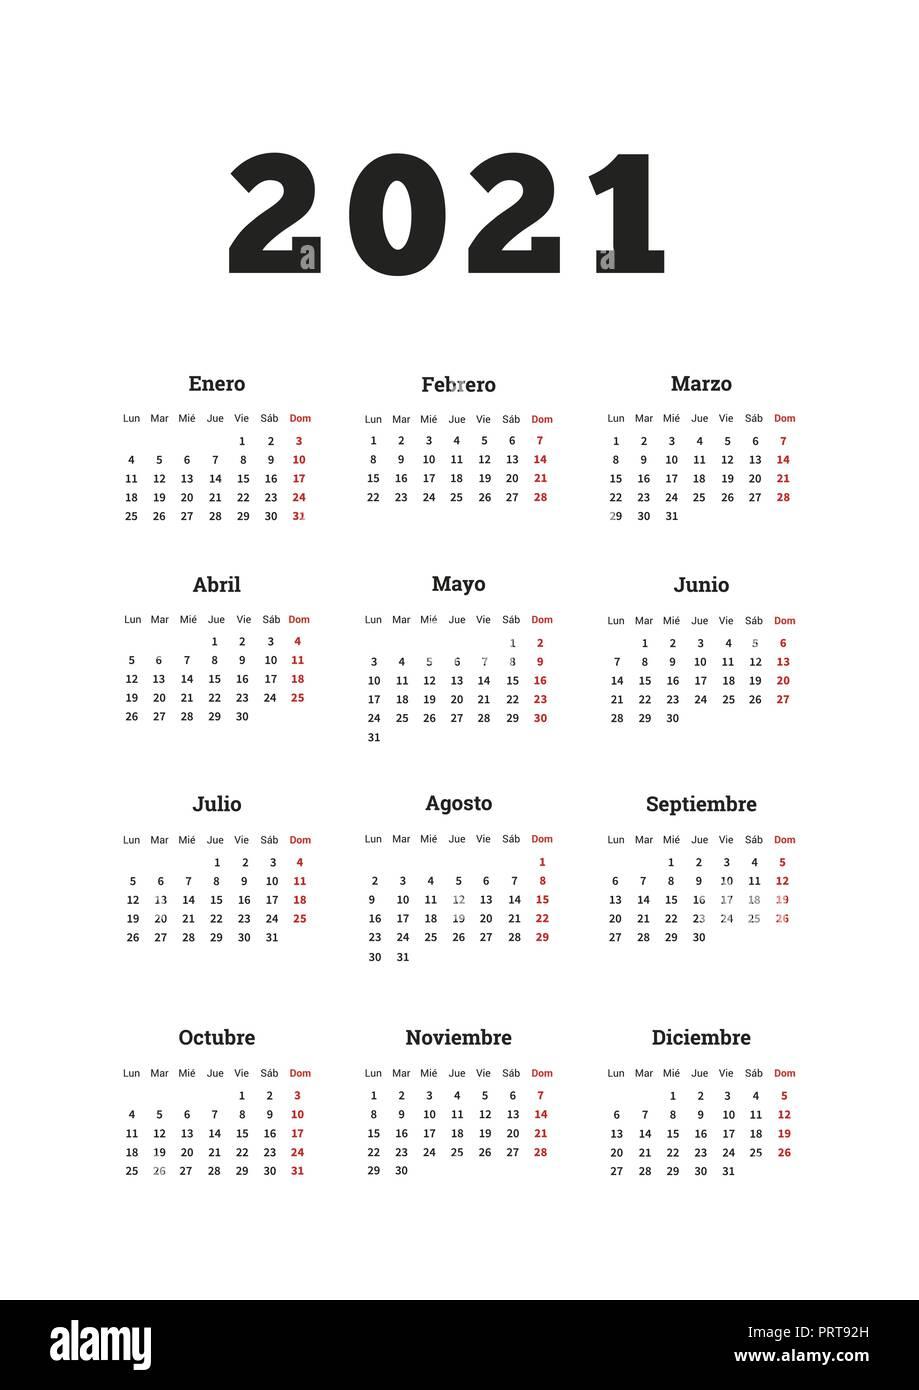 Calendario Spagnolo.2021 Anno Semplice Calendario In Spagnolo Formato A4 Foglio